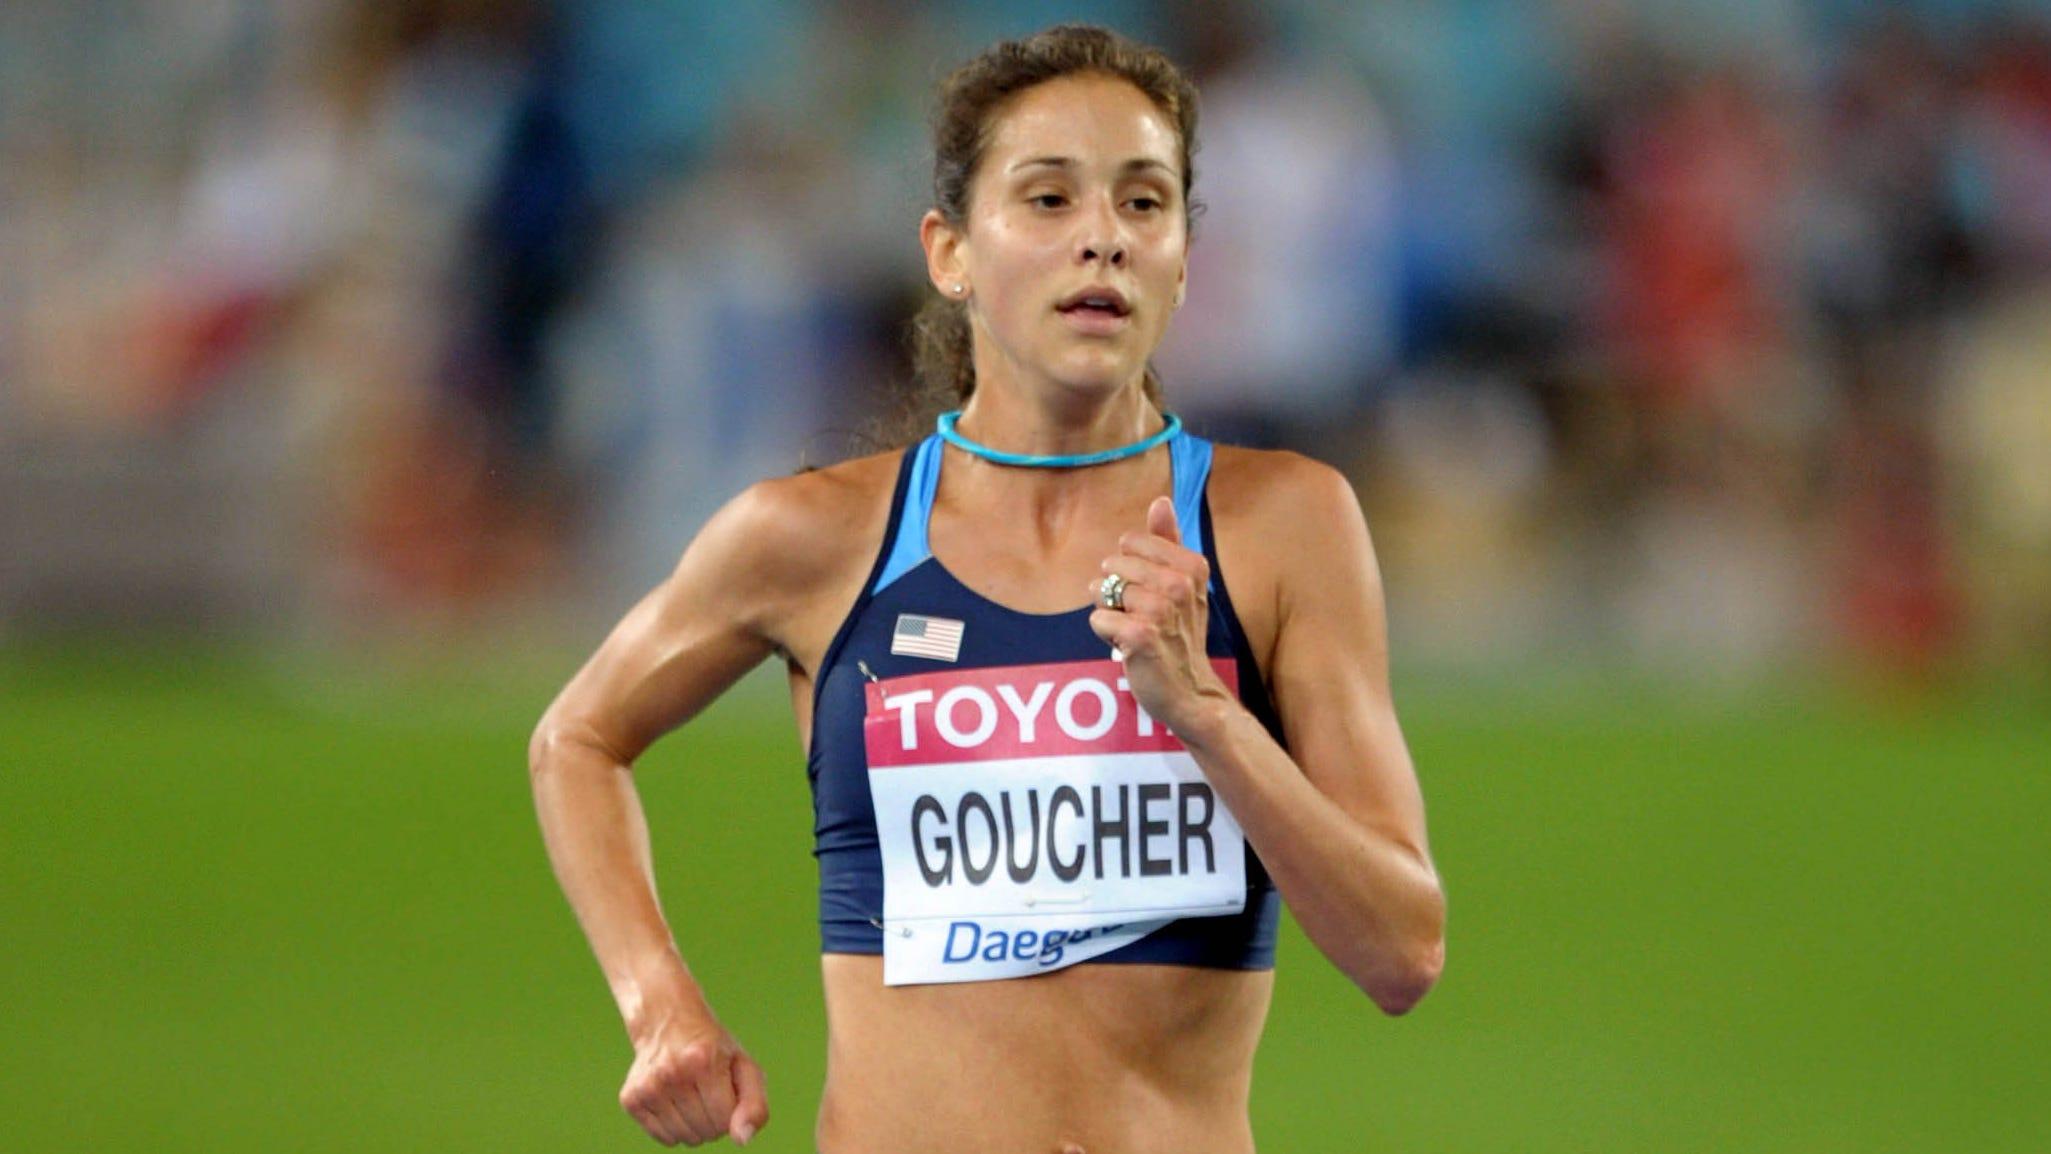 Kara Goucher on motherhood and women in sports: SportzPoint